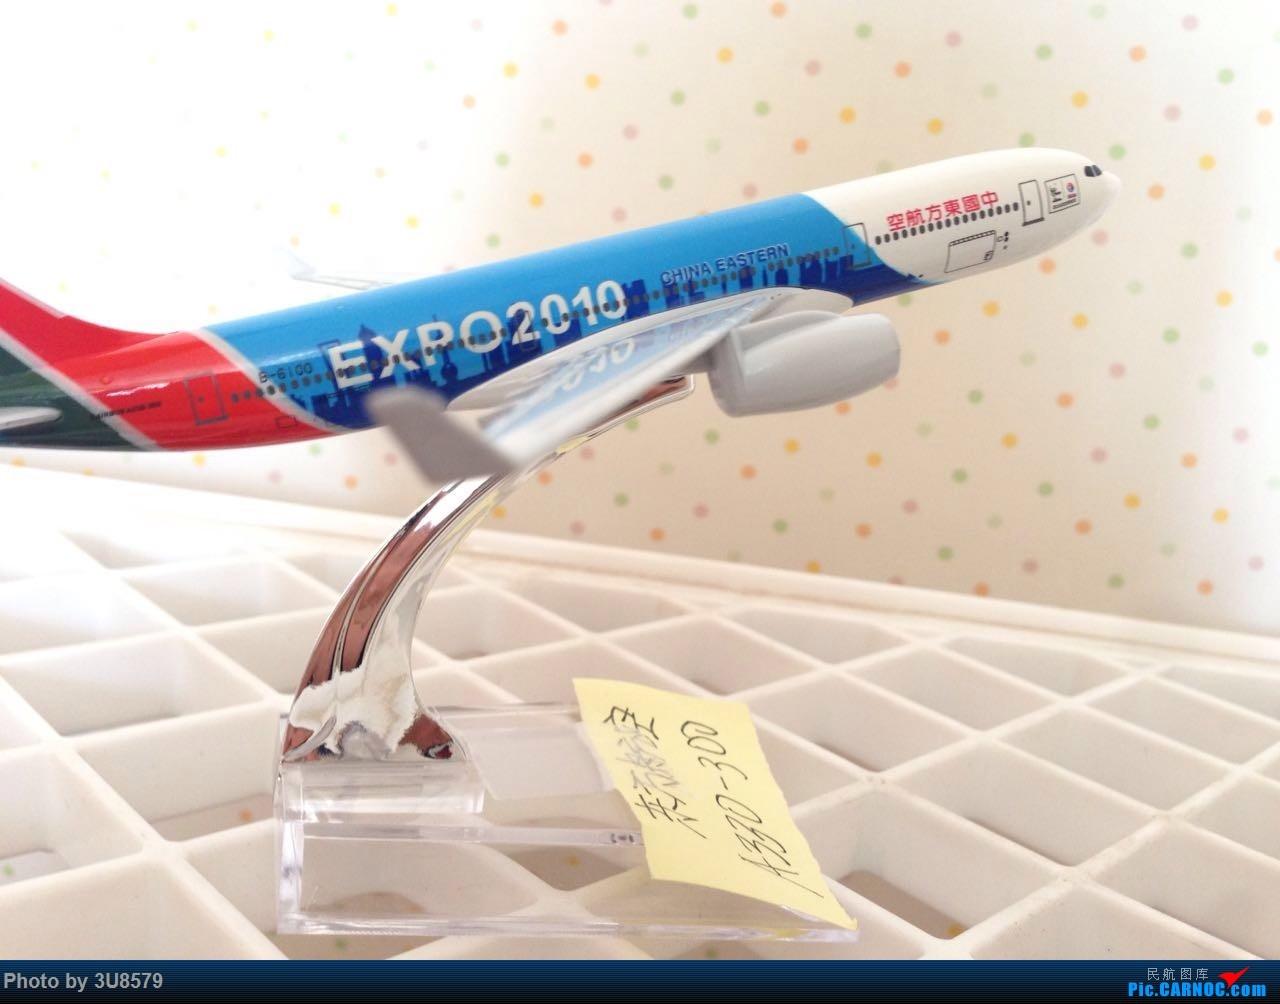 Re:[原创]东航世博彩绘机 AIRBUS A330-300 B-6100